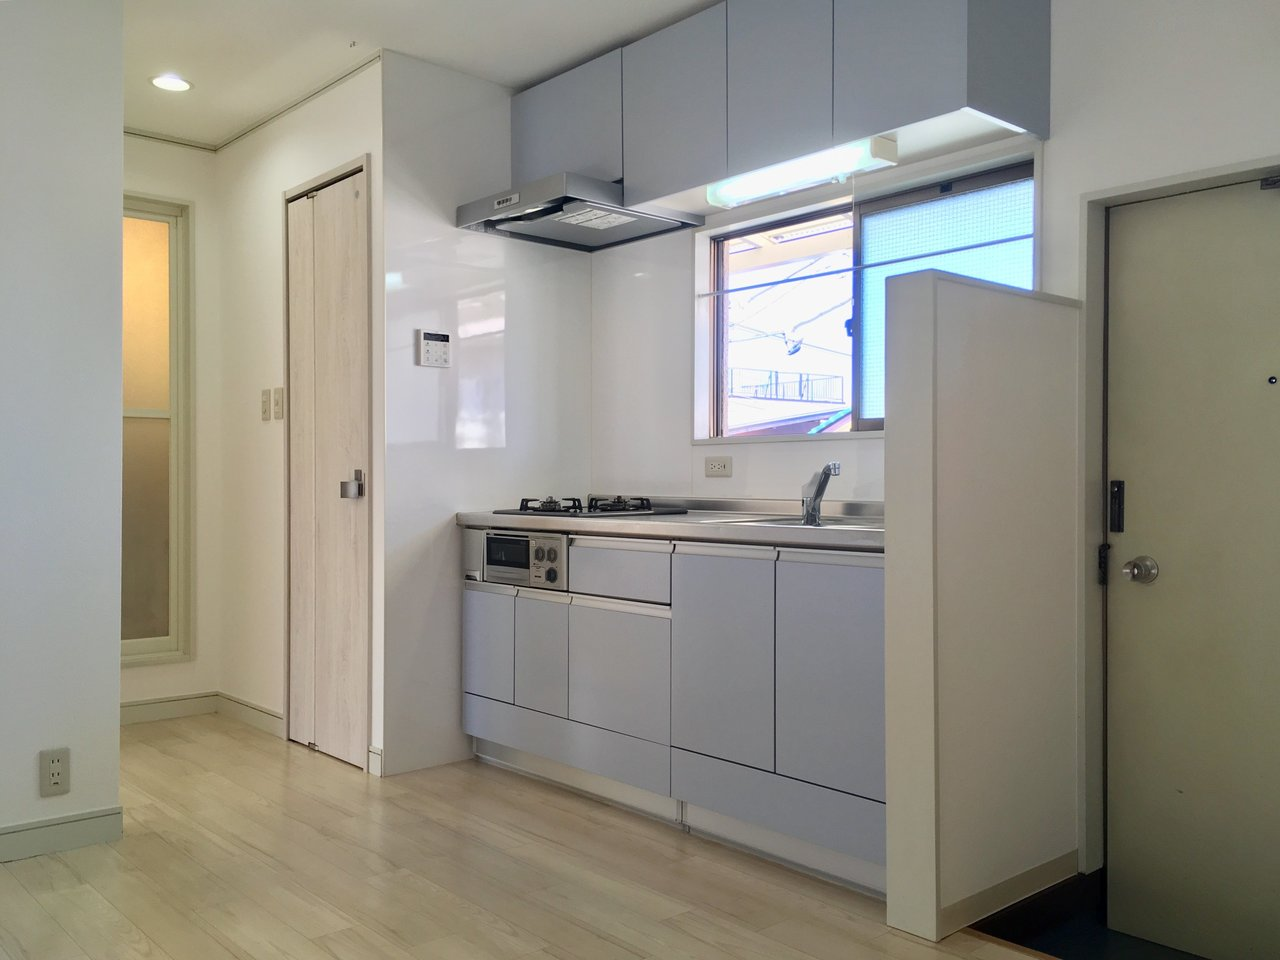 リビングだけでなく、キッチンもほんのりブルーの色合いのシステムキッチンを採用しています。窓があるので換気も問題なさそうです。